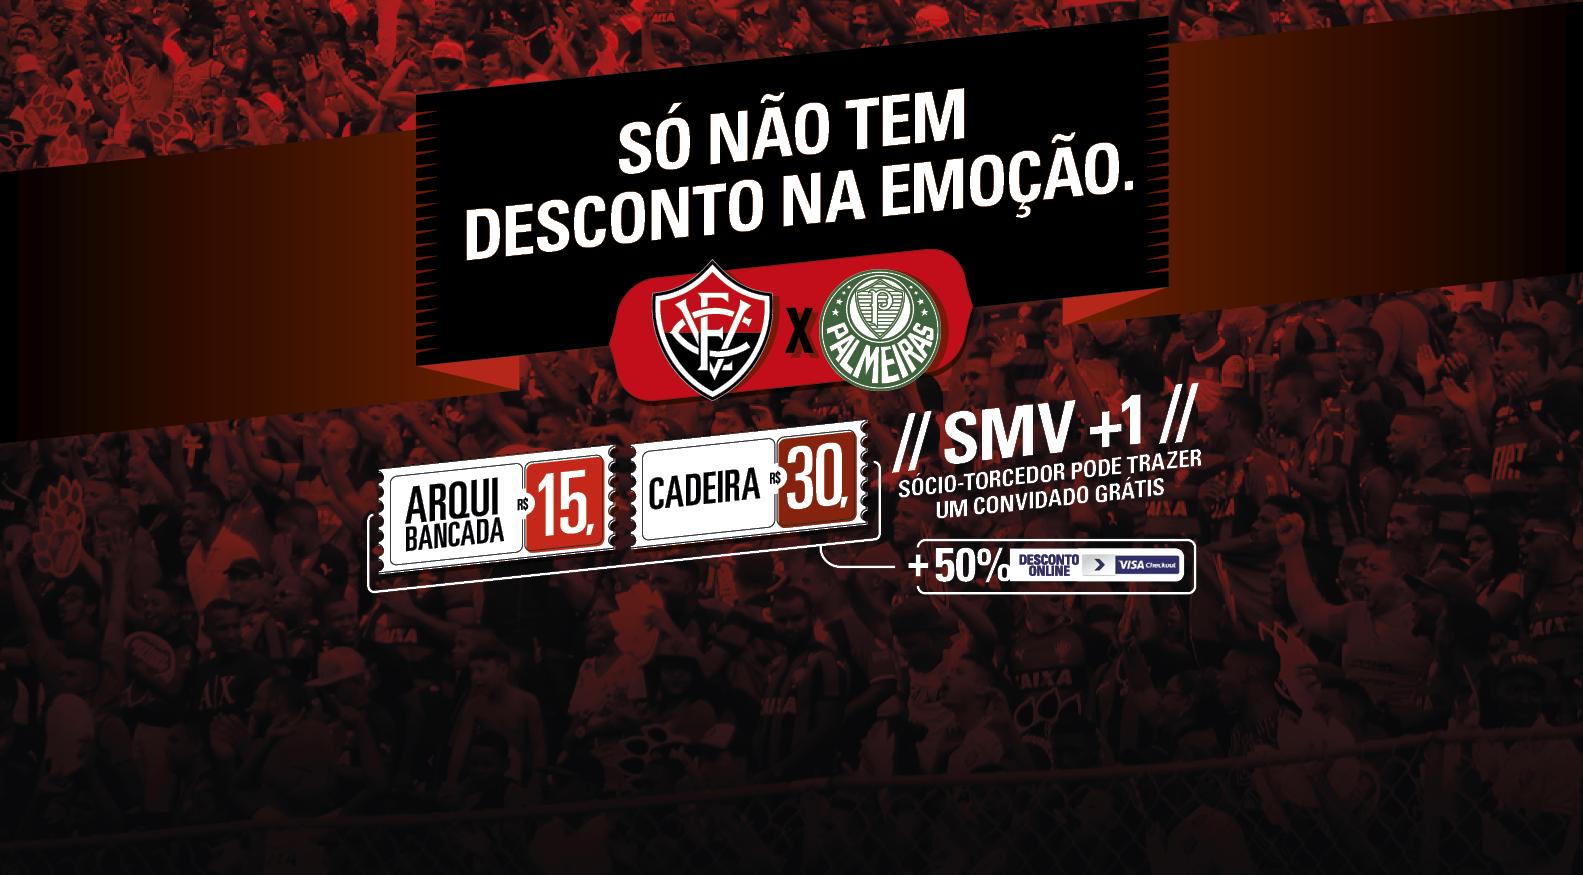 Com valores reduzidos, Vitória inicia venda de ingressos para jogo contra o Palmeiras